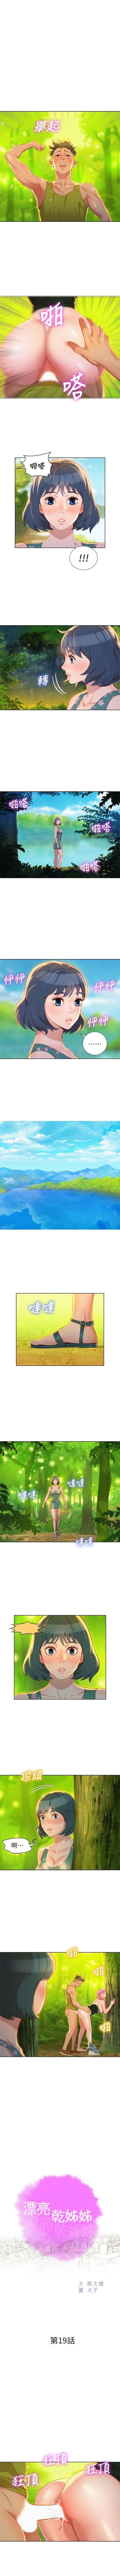 (周7)漂亮干姐姐  1-79 中文翻译 (更新中) 97